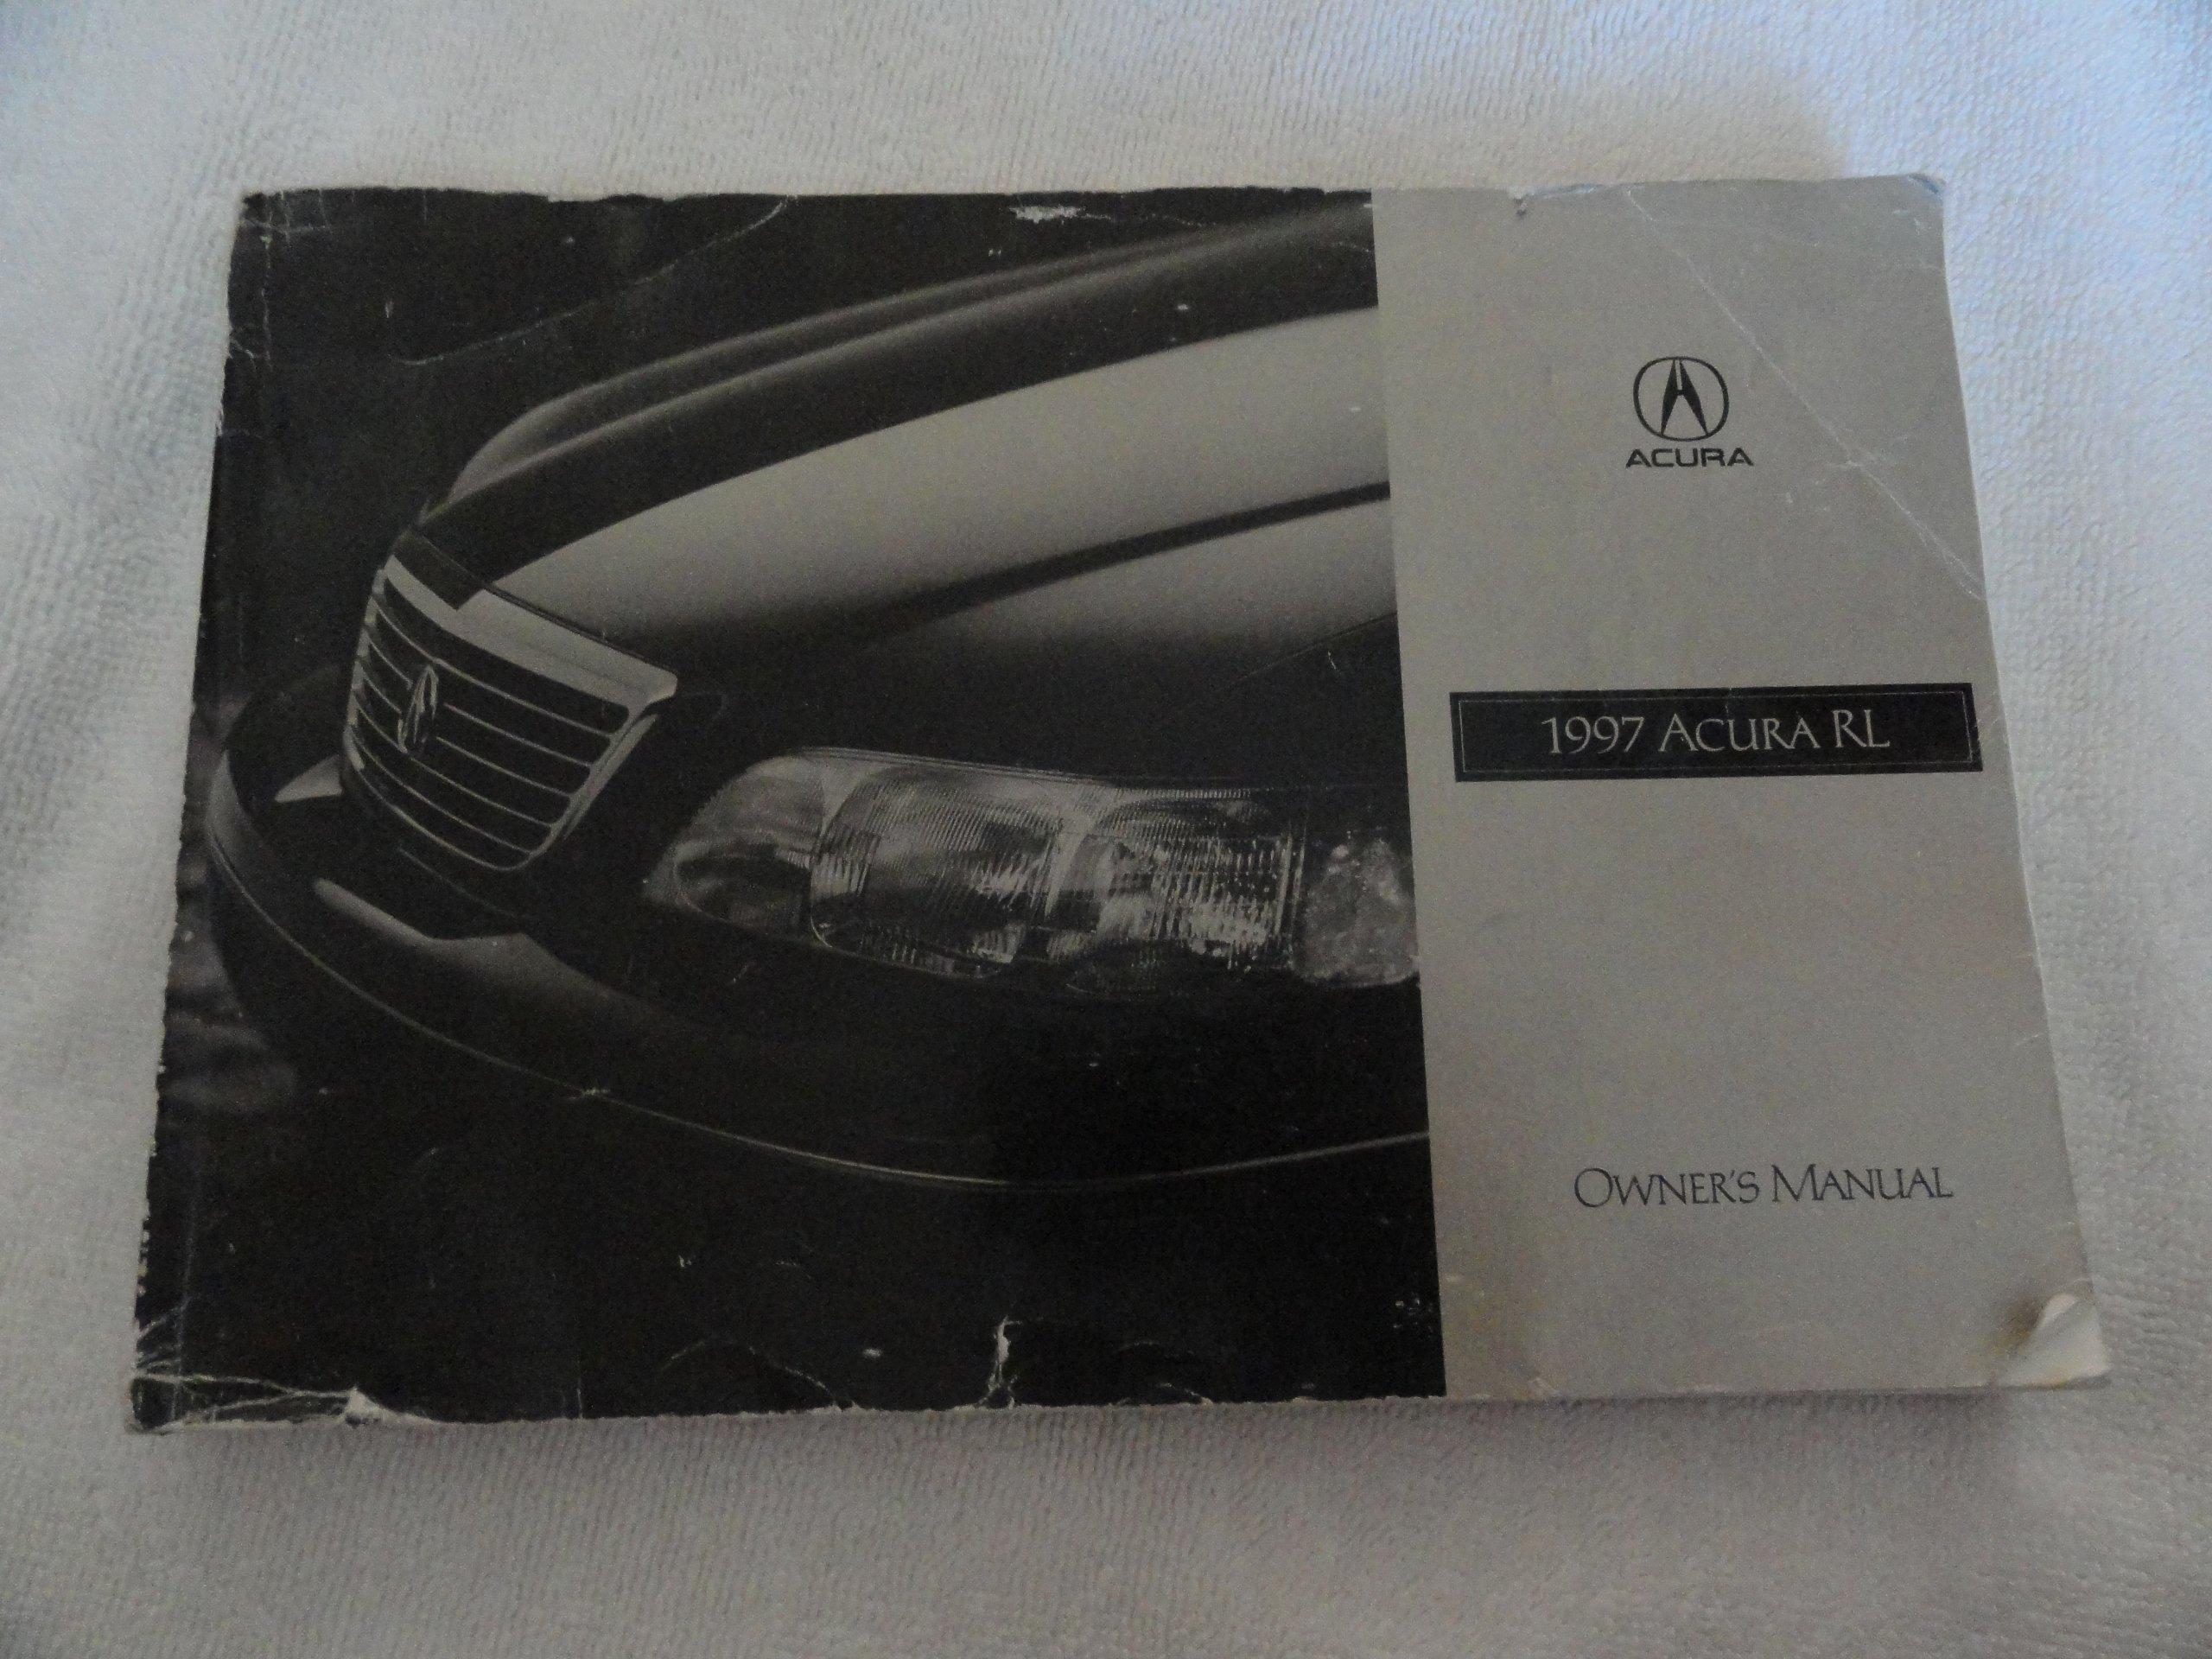 original 1997 acura rl owners manual amazon com books rh amazon com 1997 acura 3.5 rl owner's manual 1997 acura 3.5 rl owner's manual